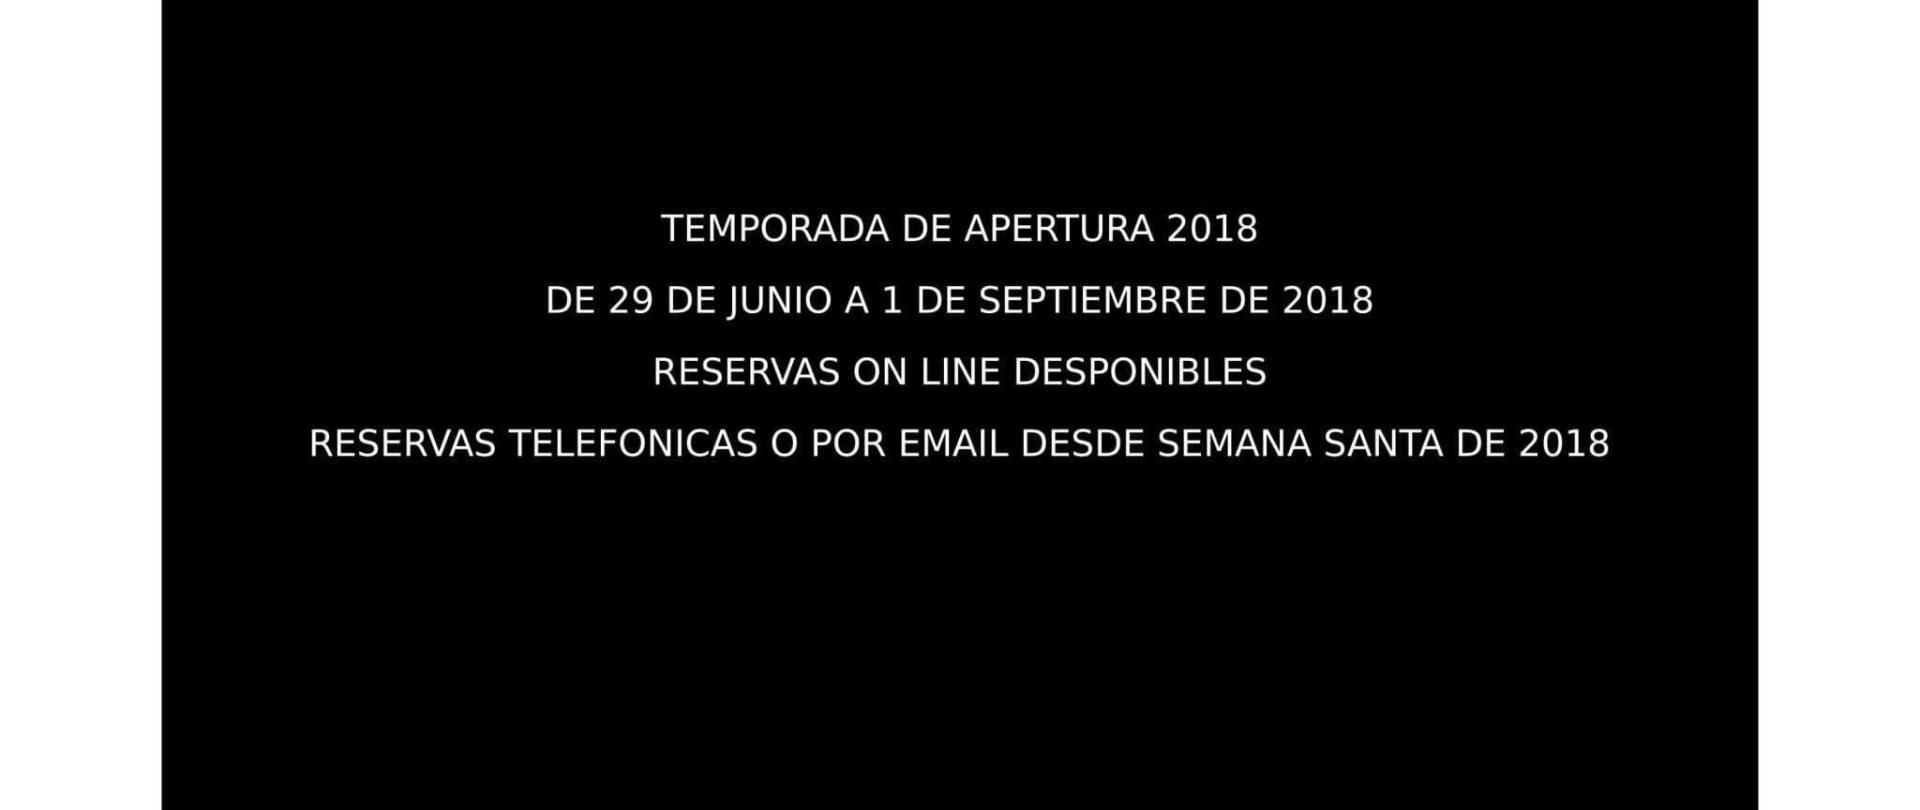 temporada-de-apertura-2018-1-2.jpg